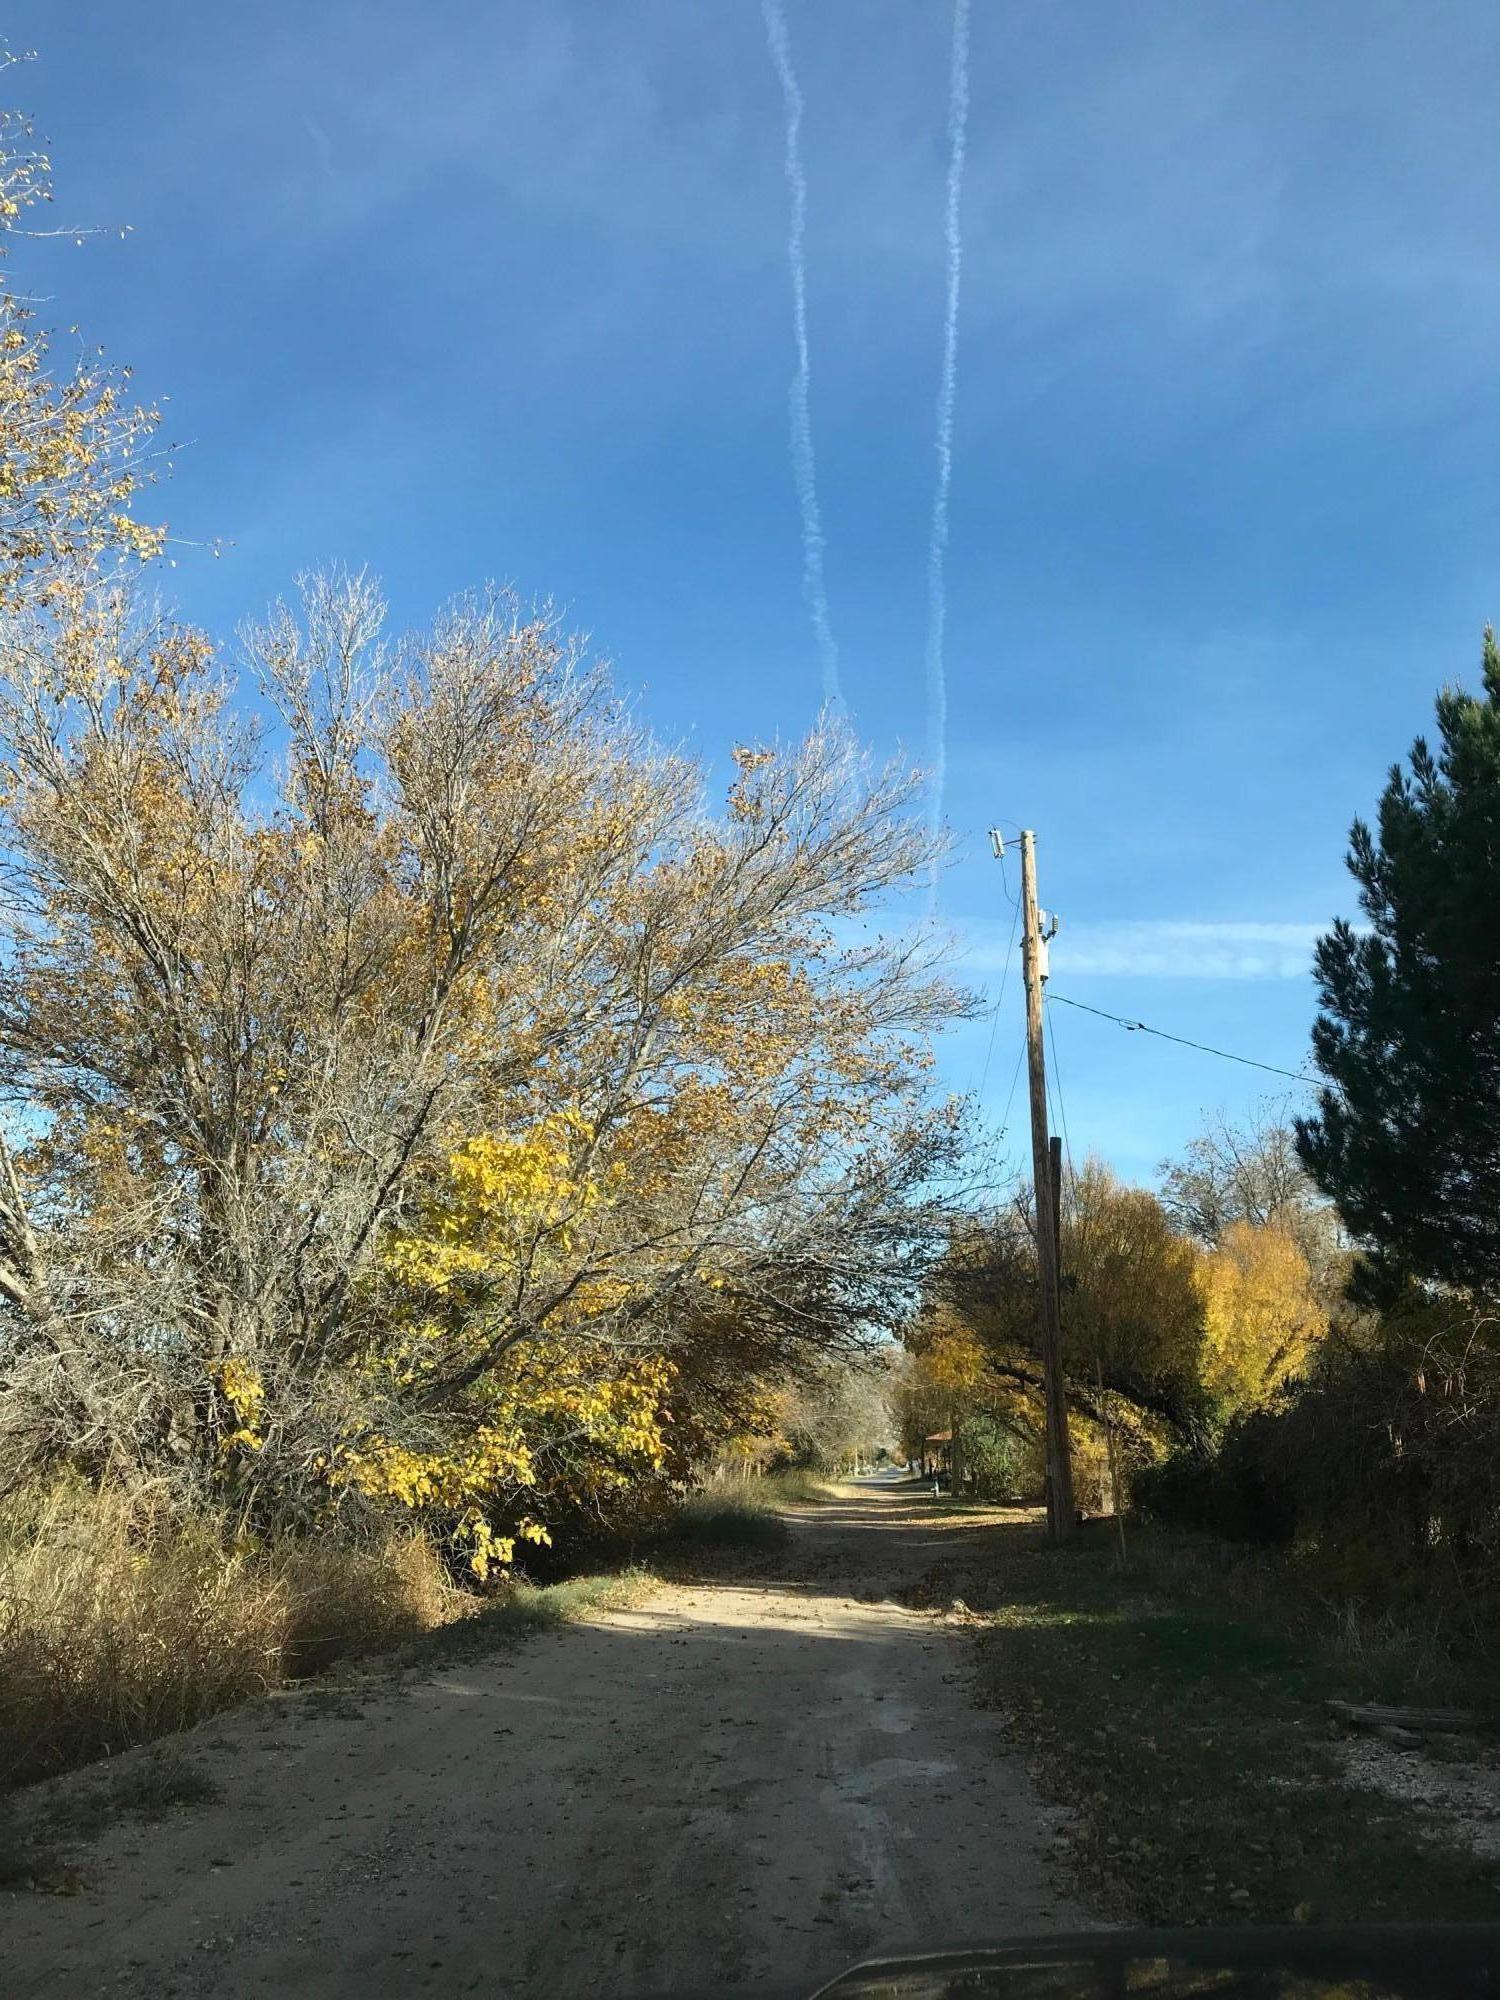 0 Gomez Road, El Paso, Texas 79932, ,Land,For sale,Gomez,812144